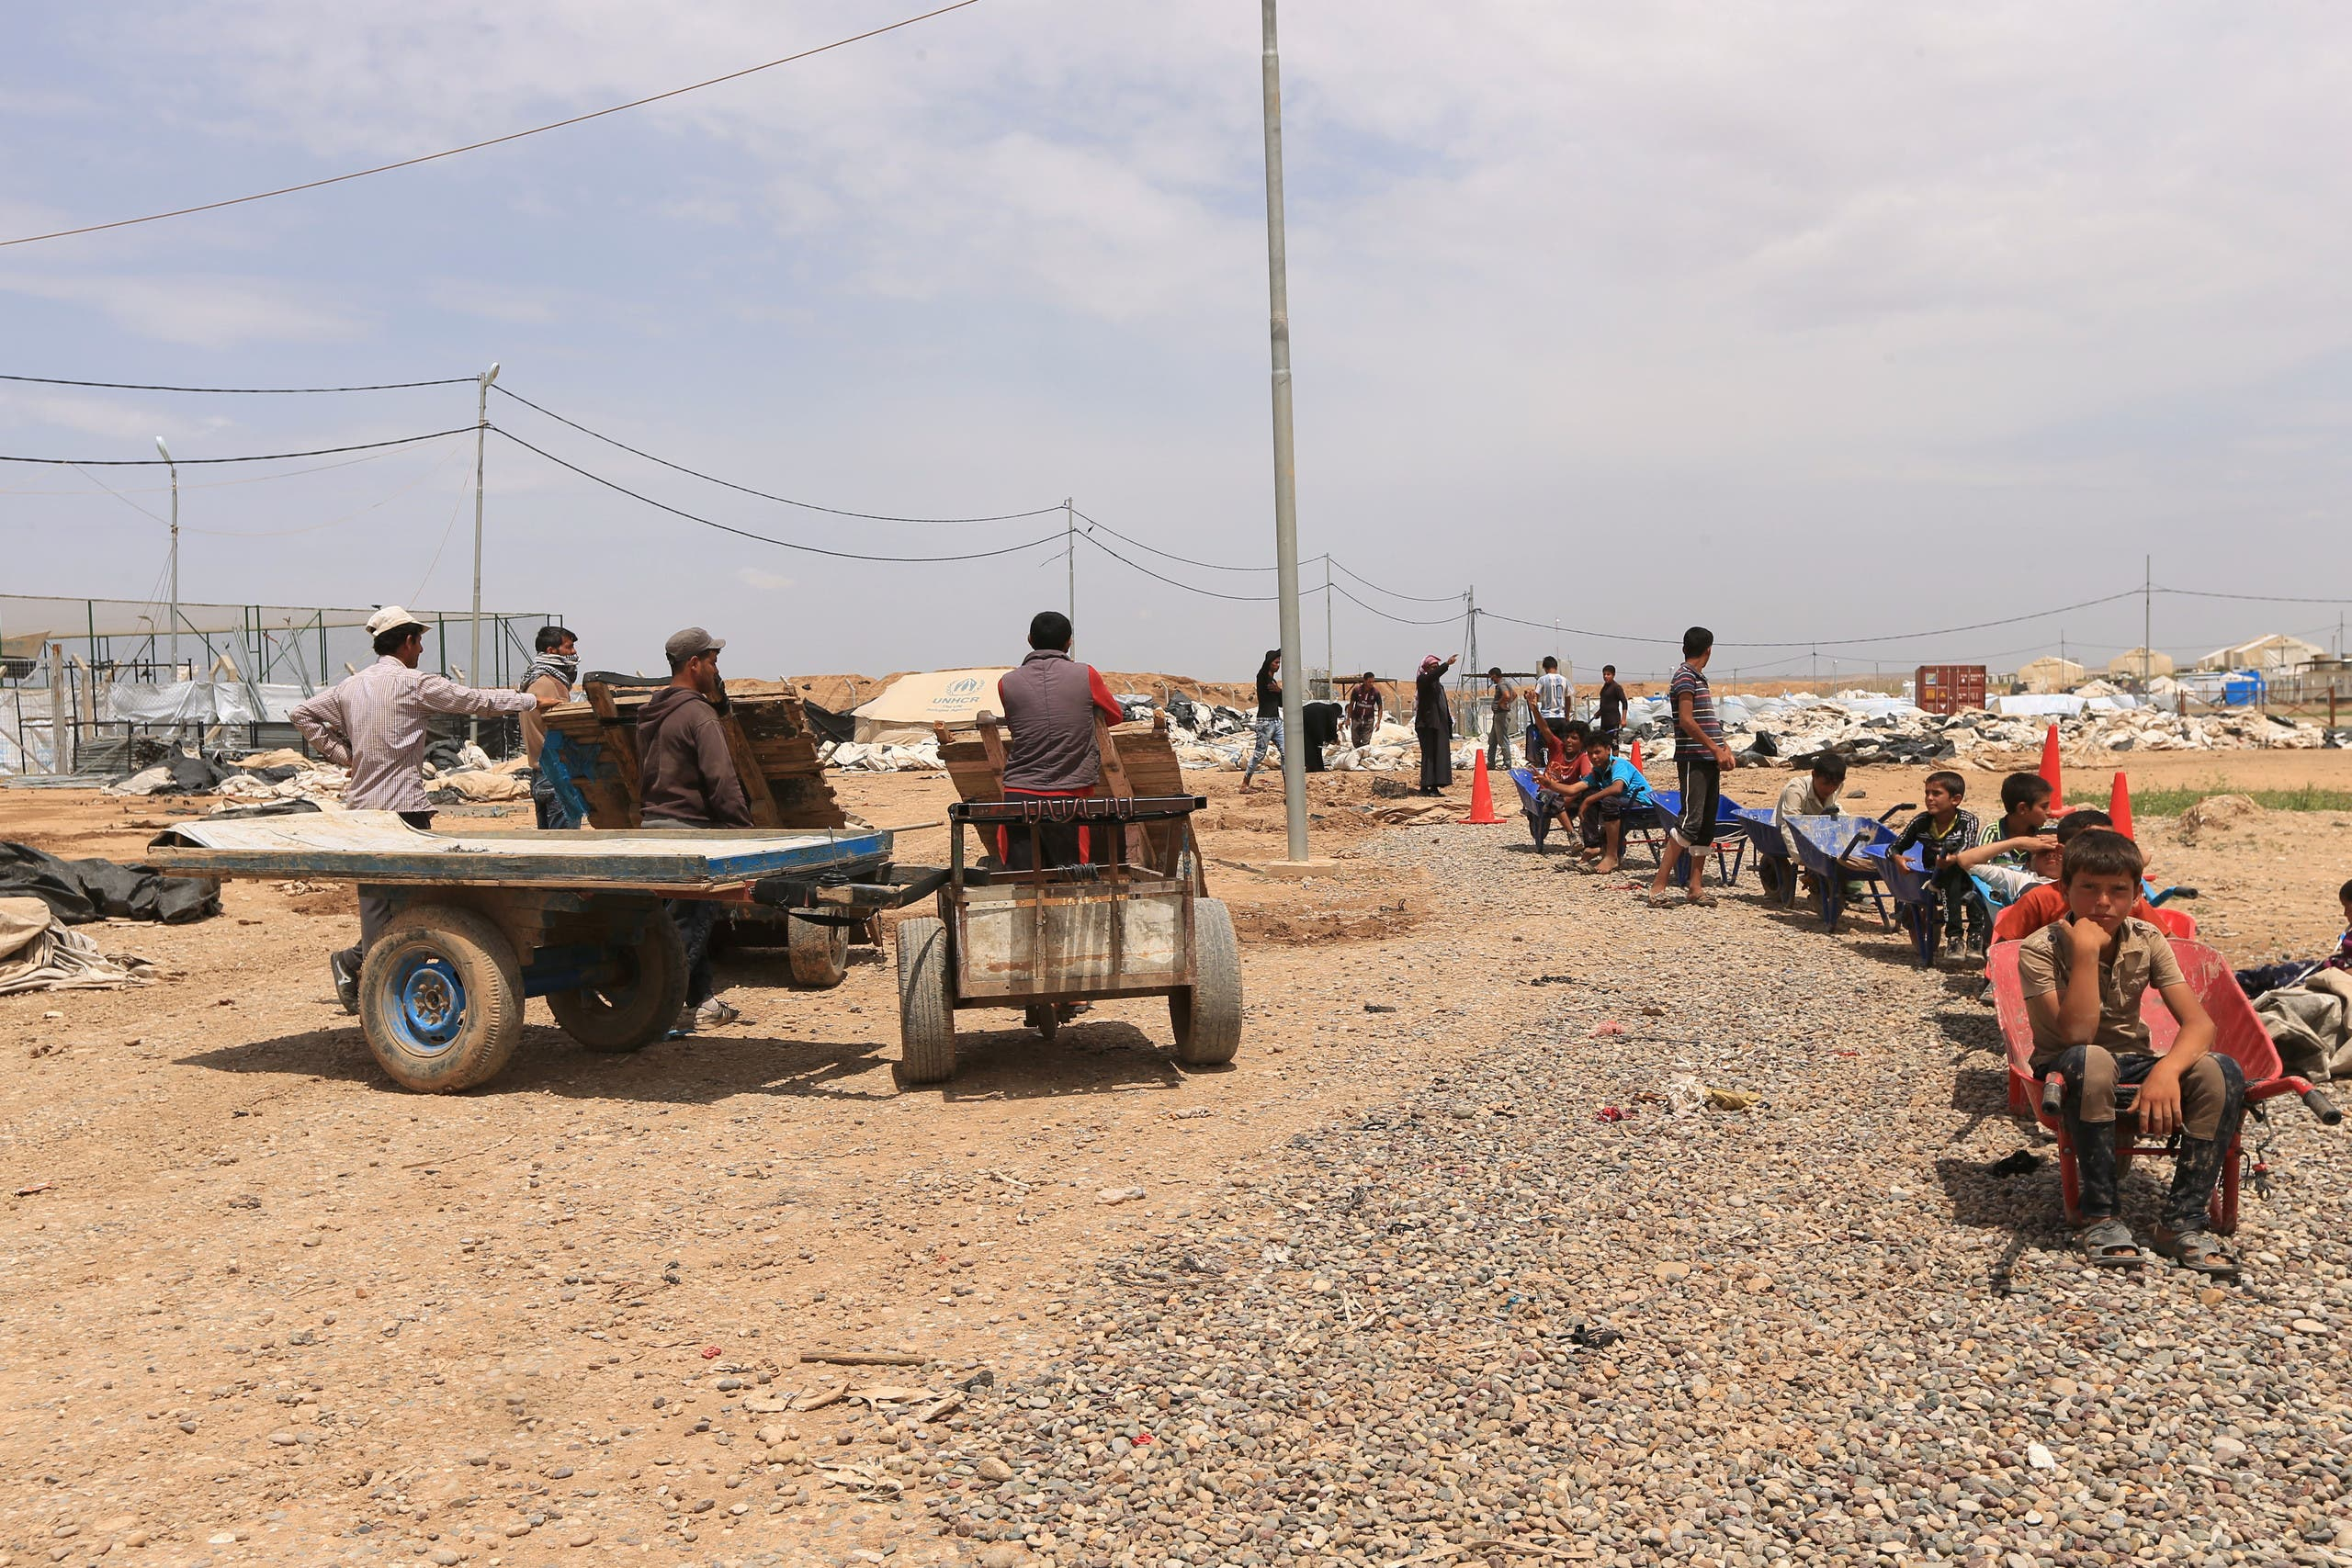 مخيمات الموصل (ارشيف)